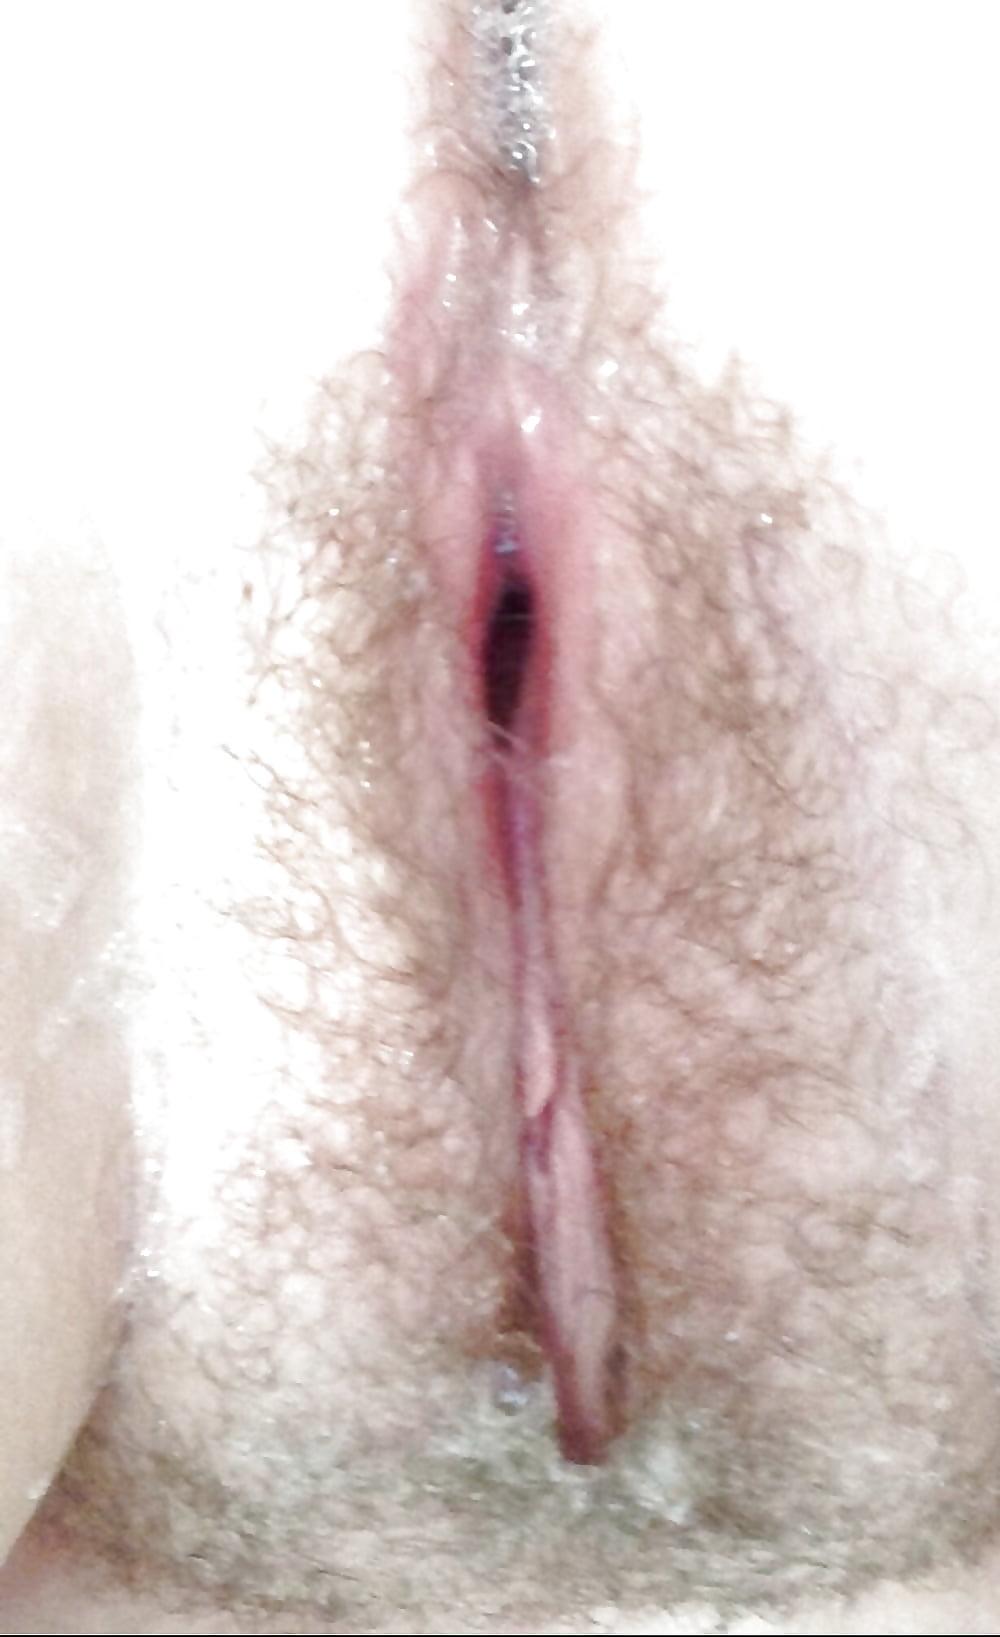 Hot naked tits pics-7619